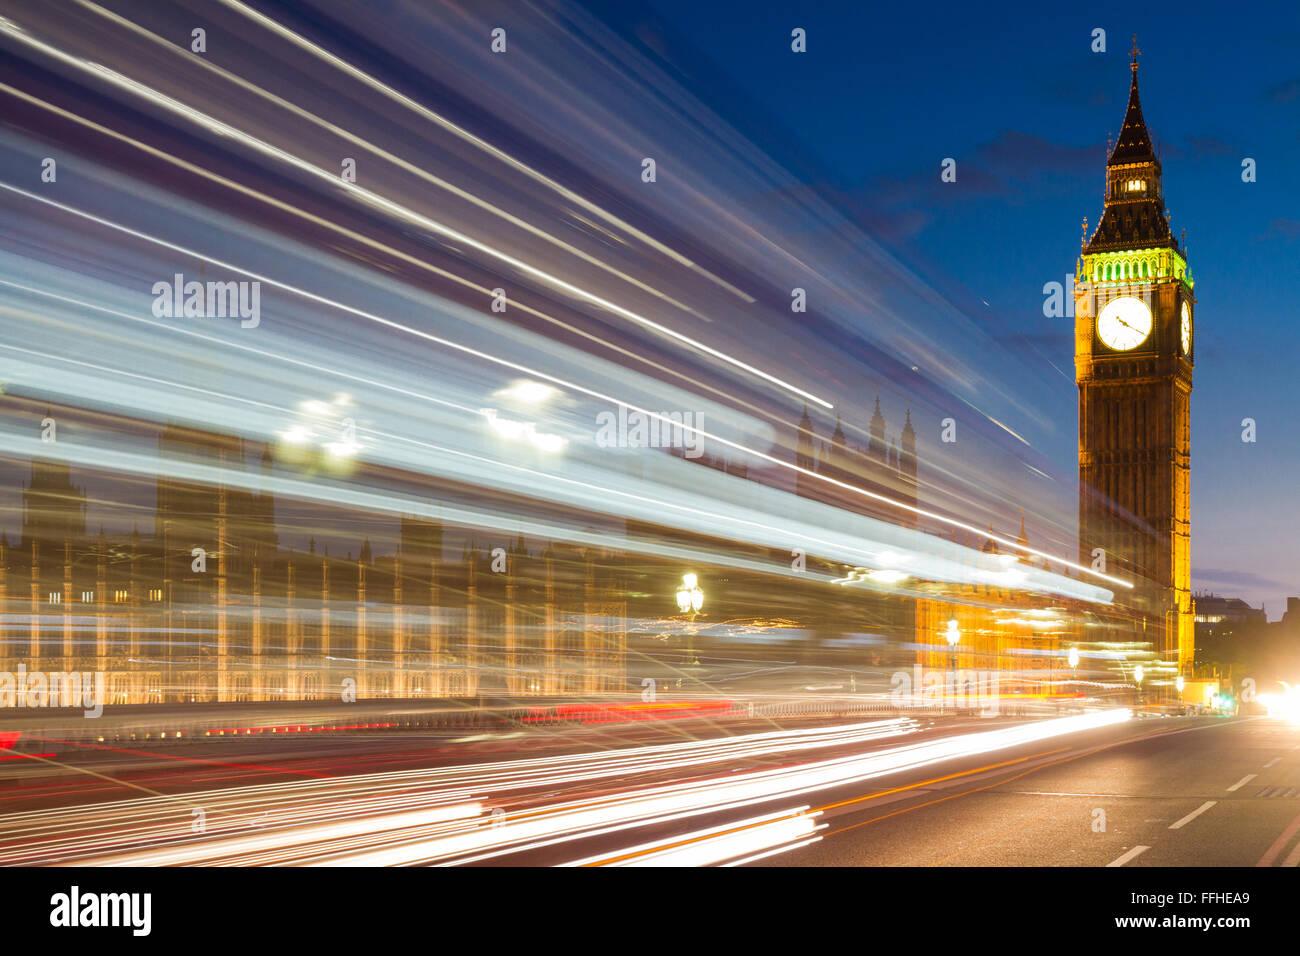 Las líneas de tráfico delante del Big Ben, Londres, Inglaterra Imagen De Stock